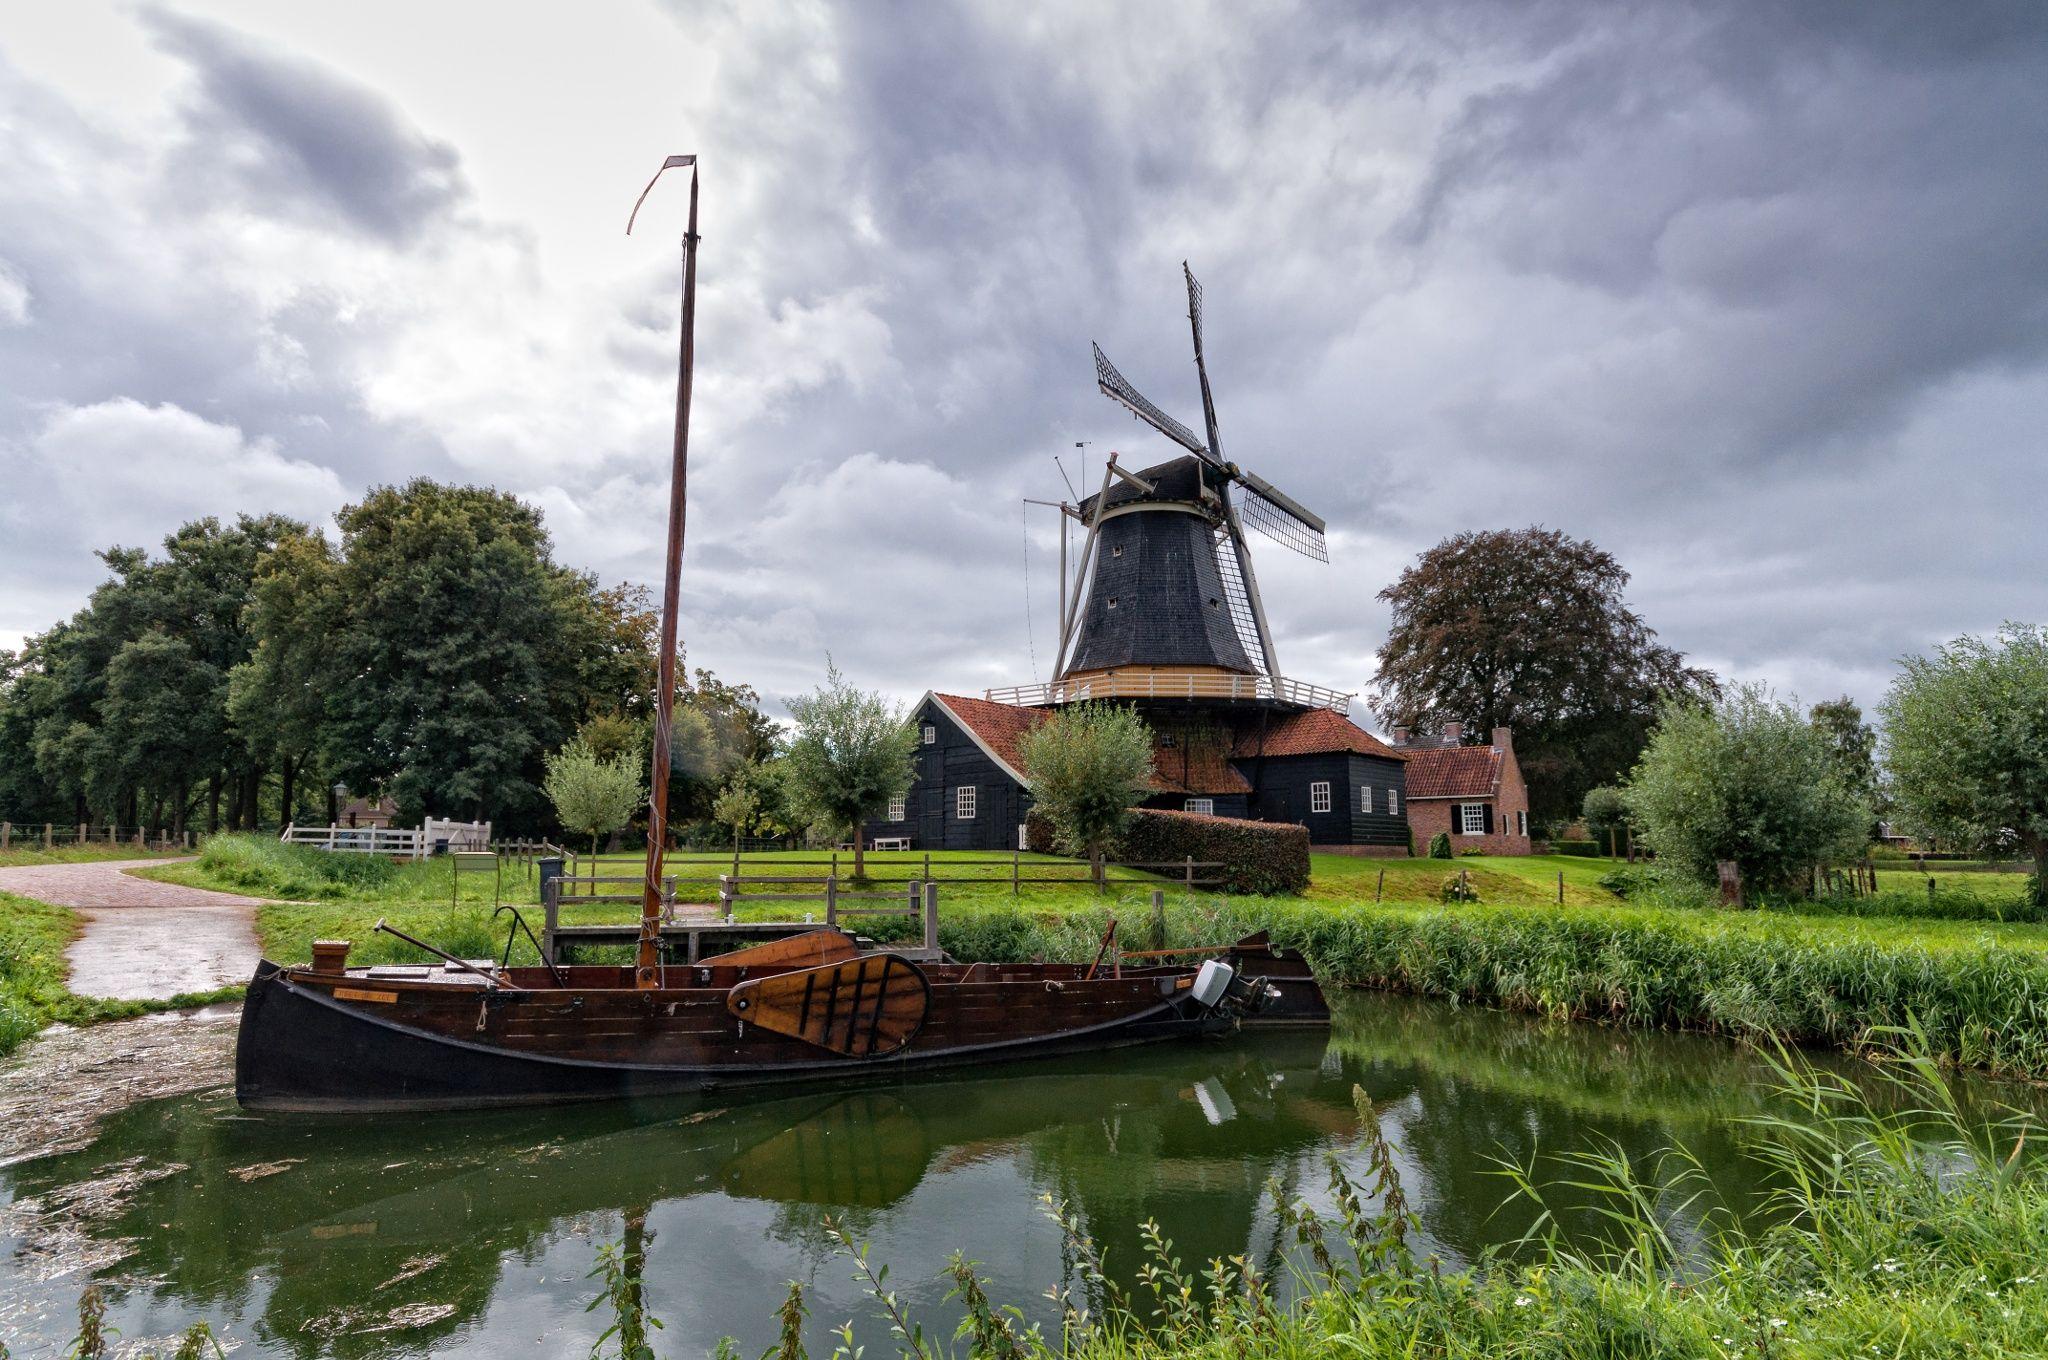 Zomp en Pelmolen in Rijssen by Johan Wieland on 500px